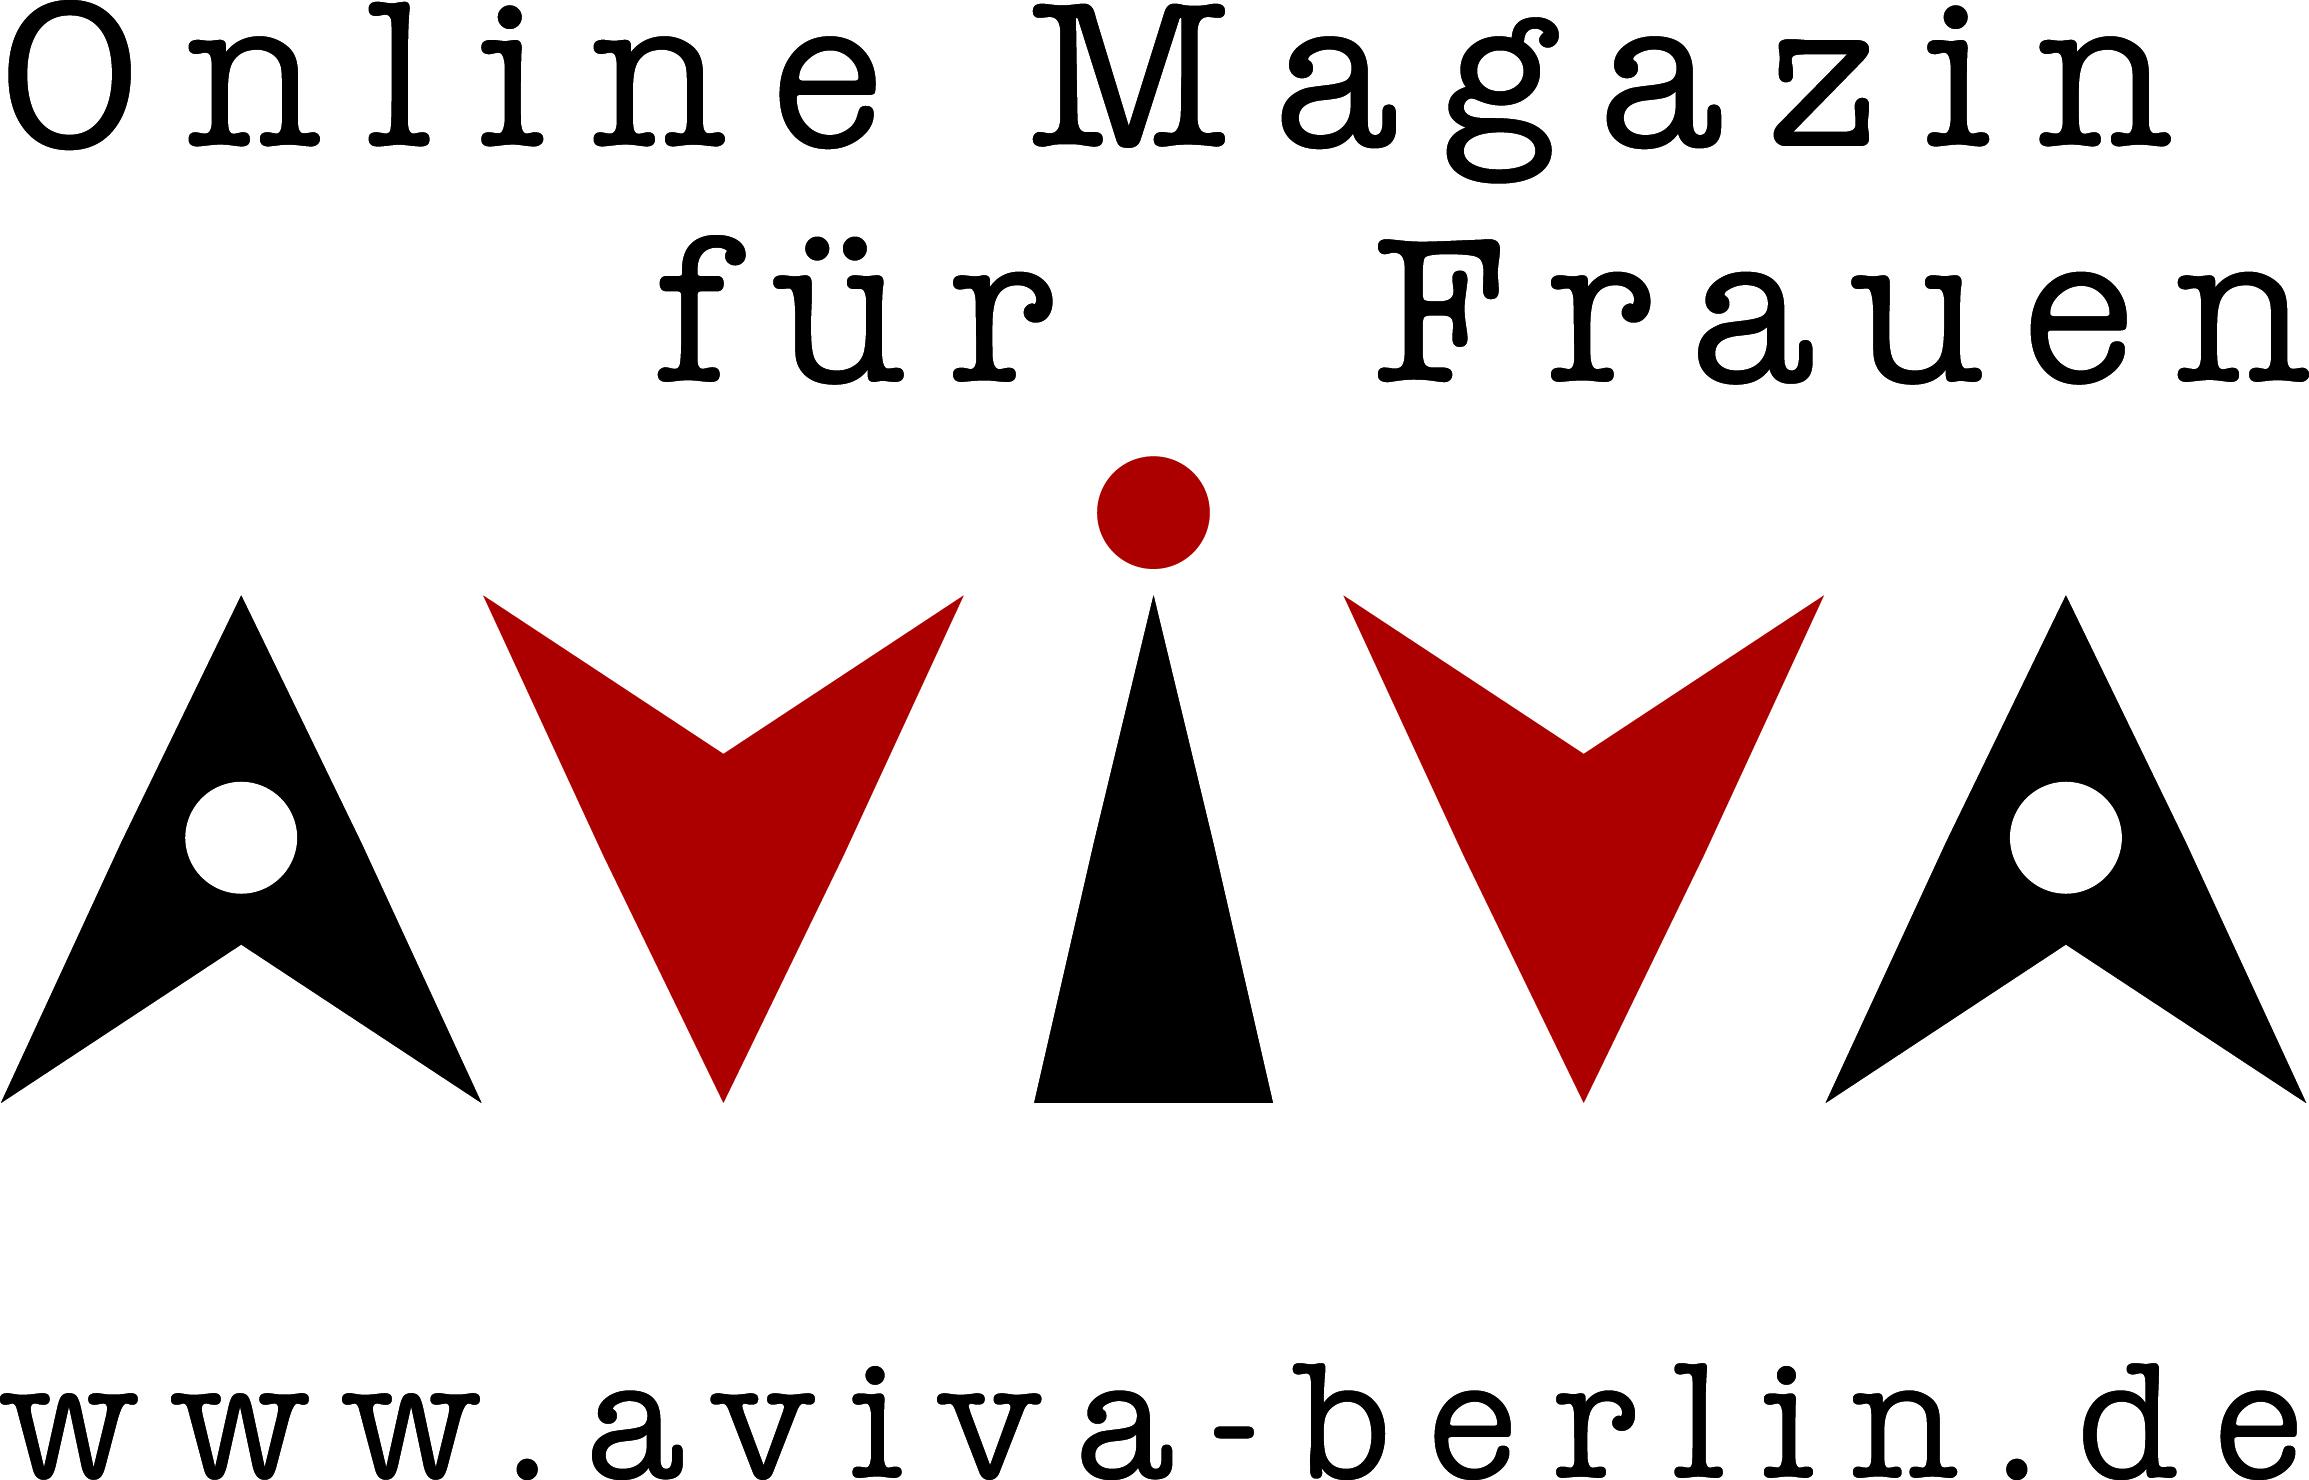 Logo © Aviva Berlin